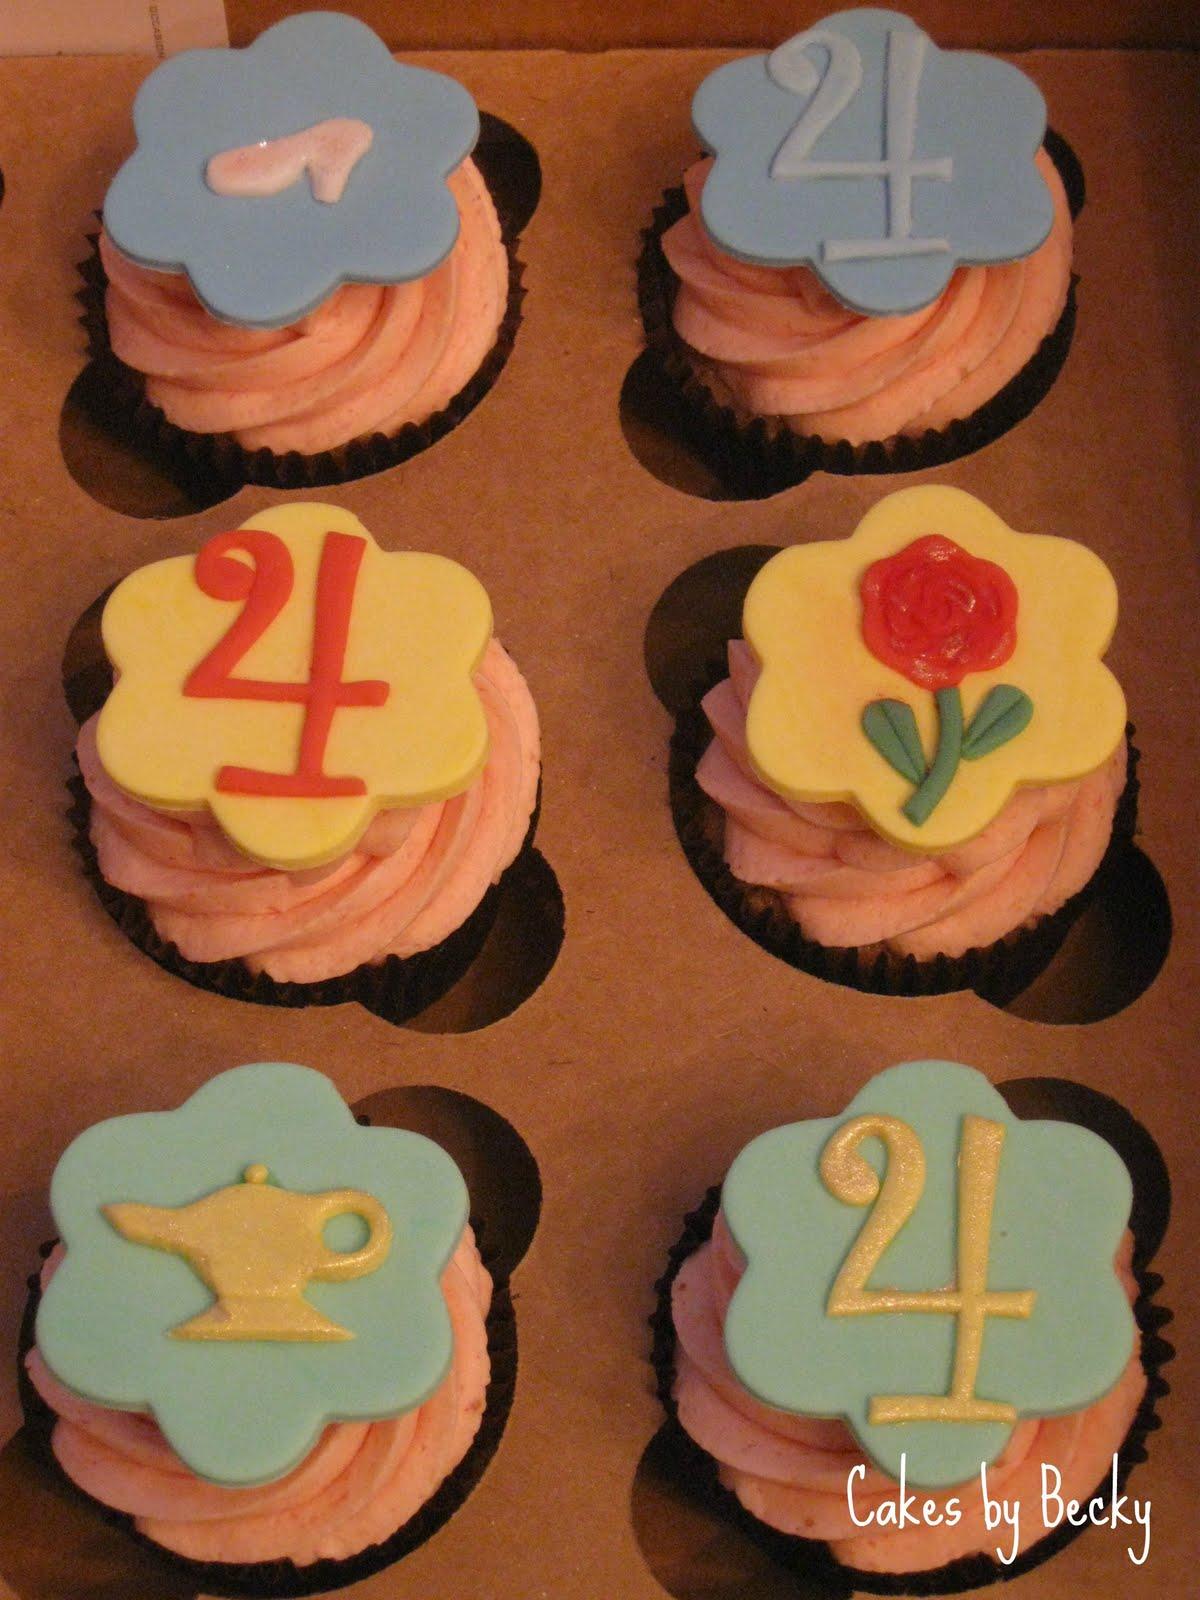 Cakes by becky disney princess cupcakes disney princess cupcakes buycottarizona